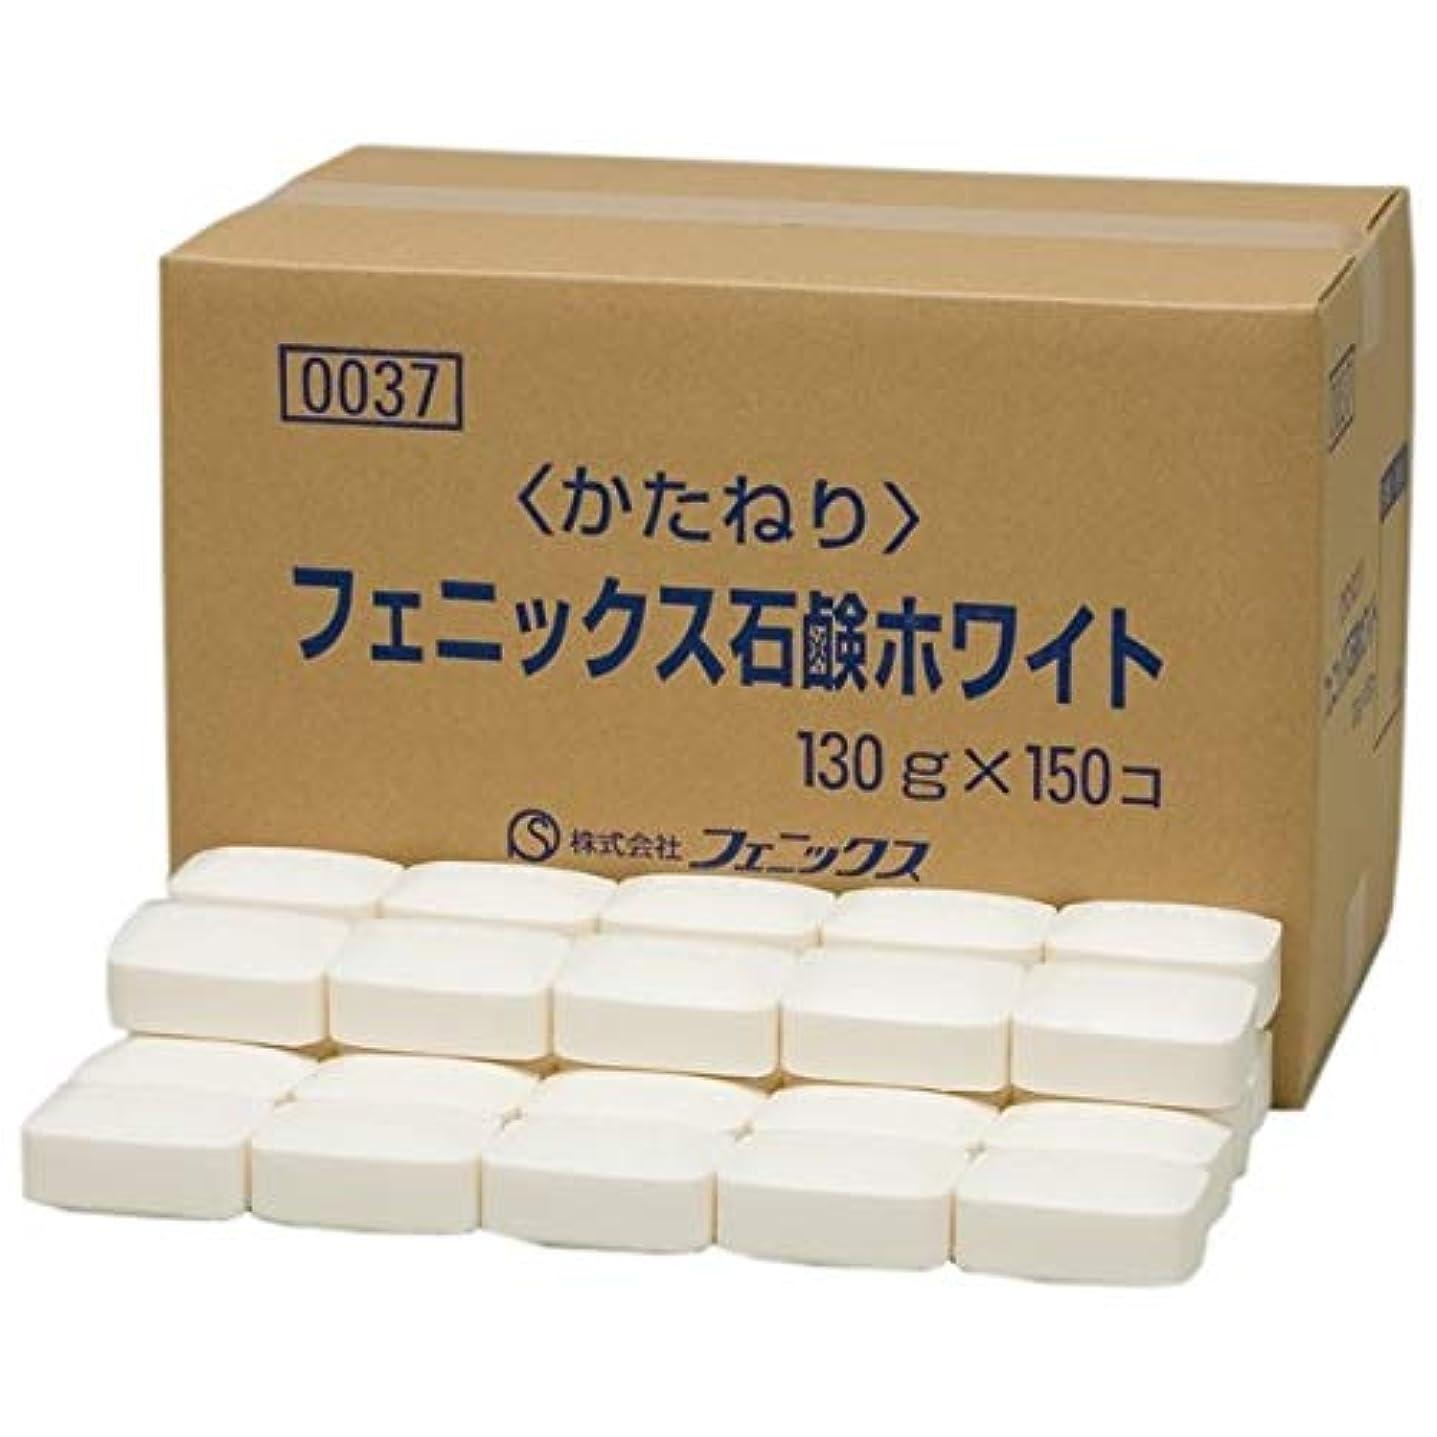 検証うめきボリュームフェニックスホワイト石鹸 130g×150個入